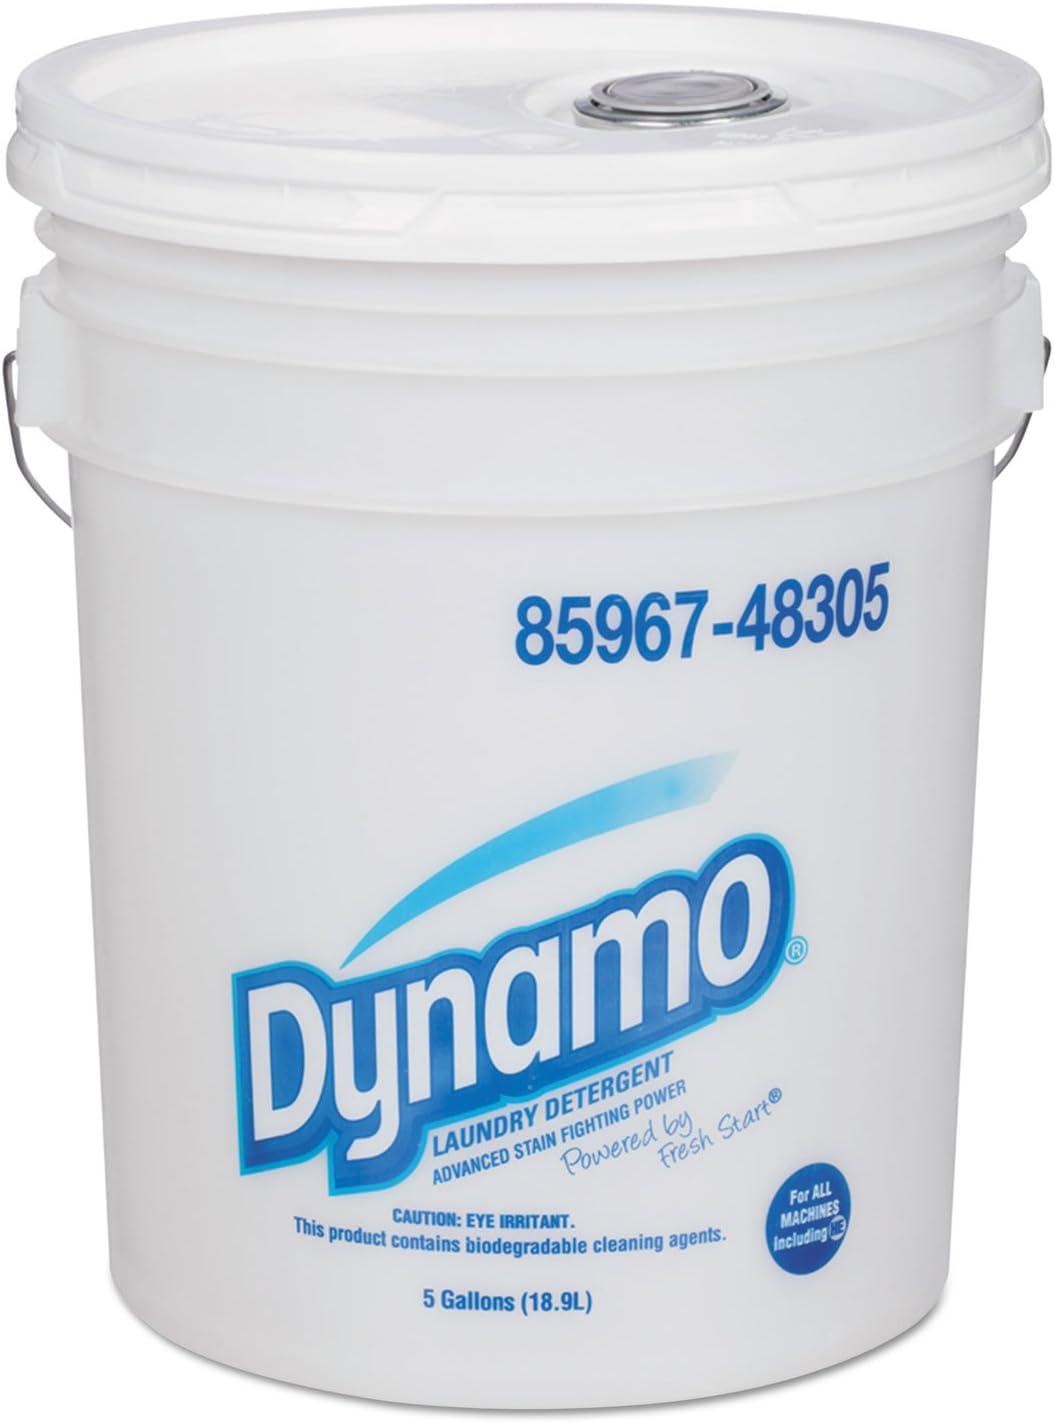 Dinamo® detergente Industrial: Amazon.es: Bricolaje y herramientas